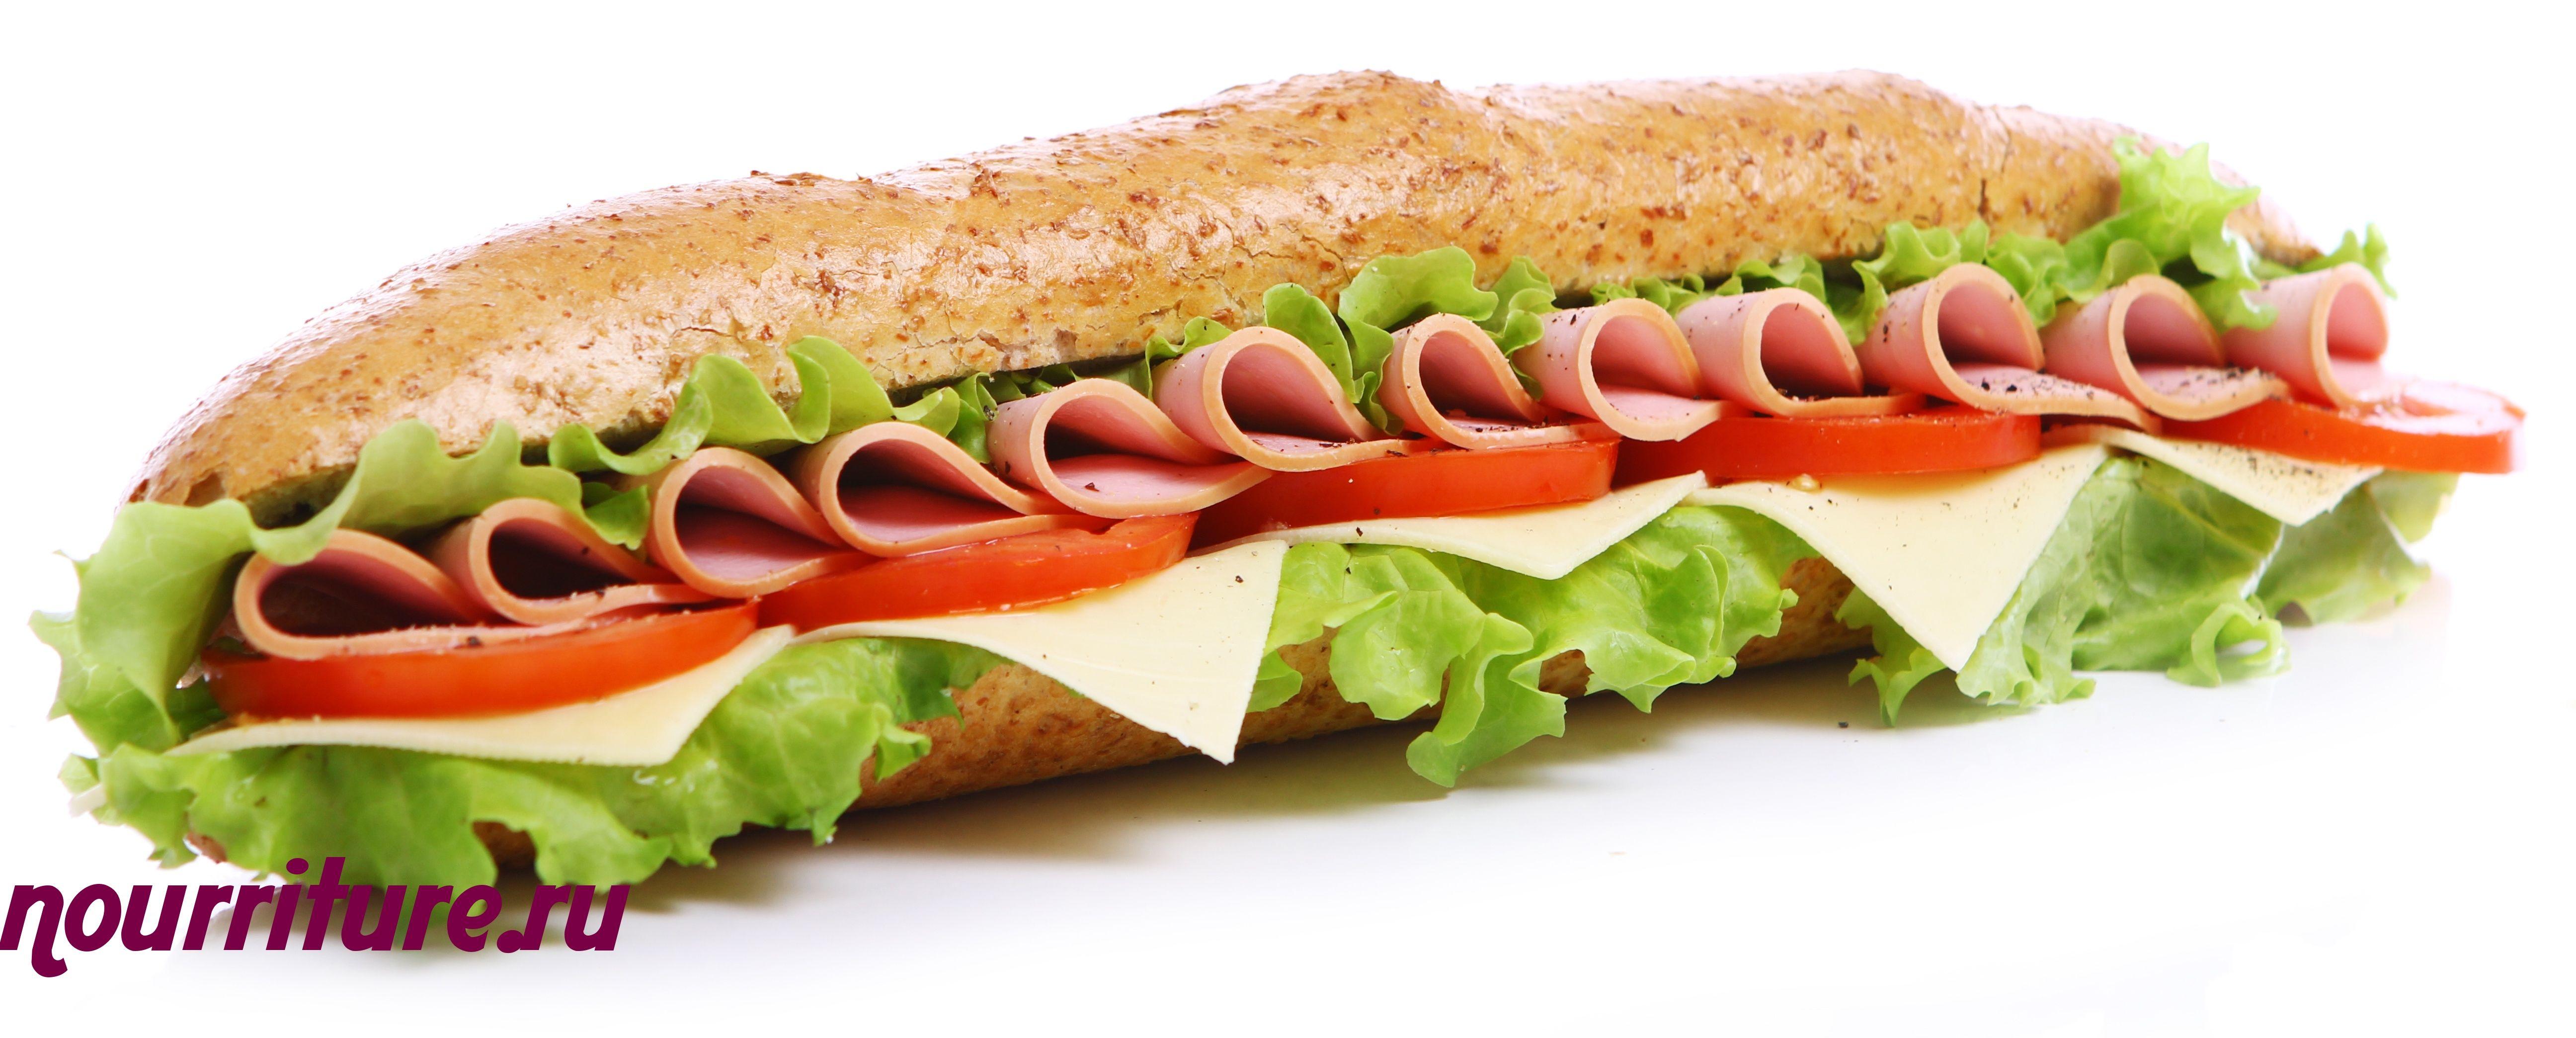 Большой бутерброд